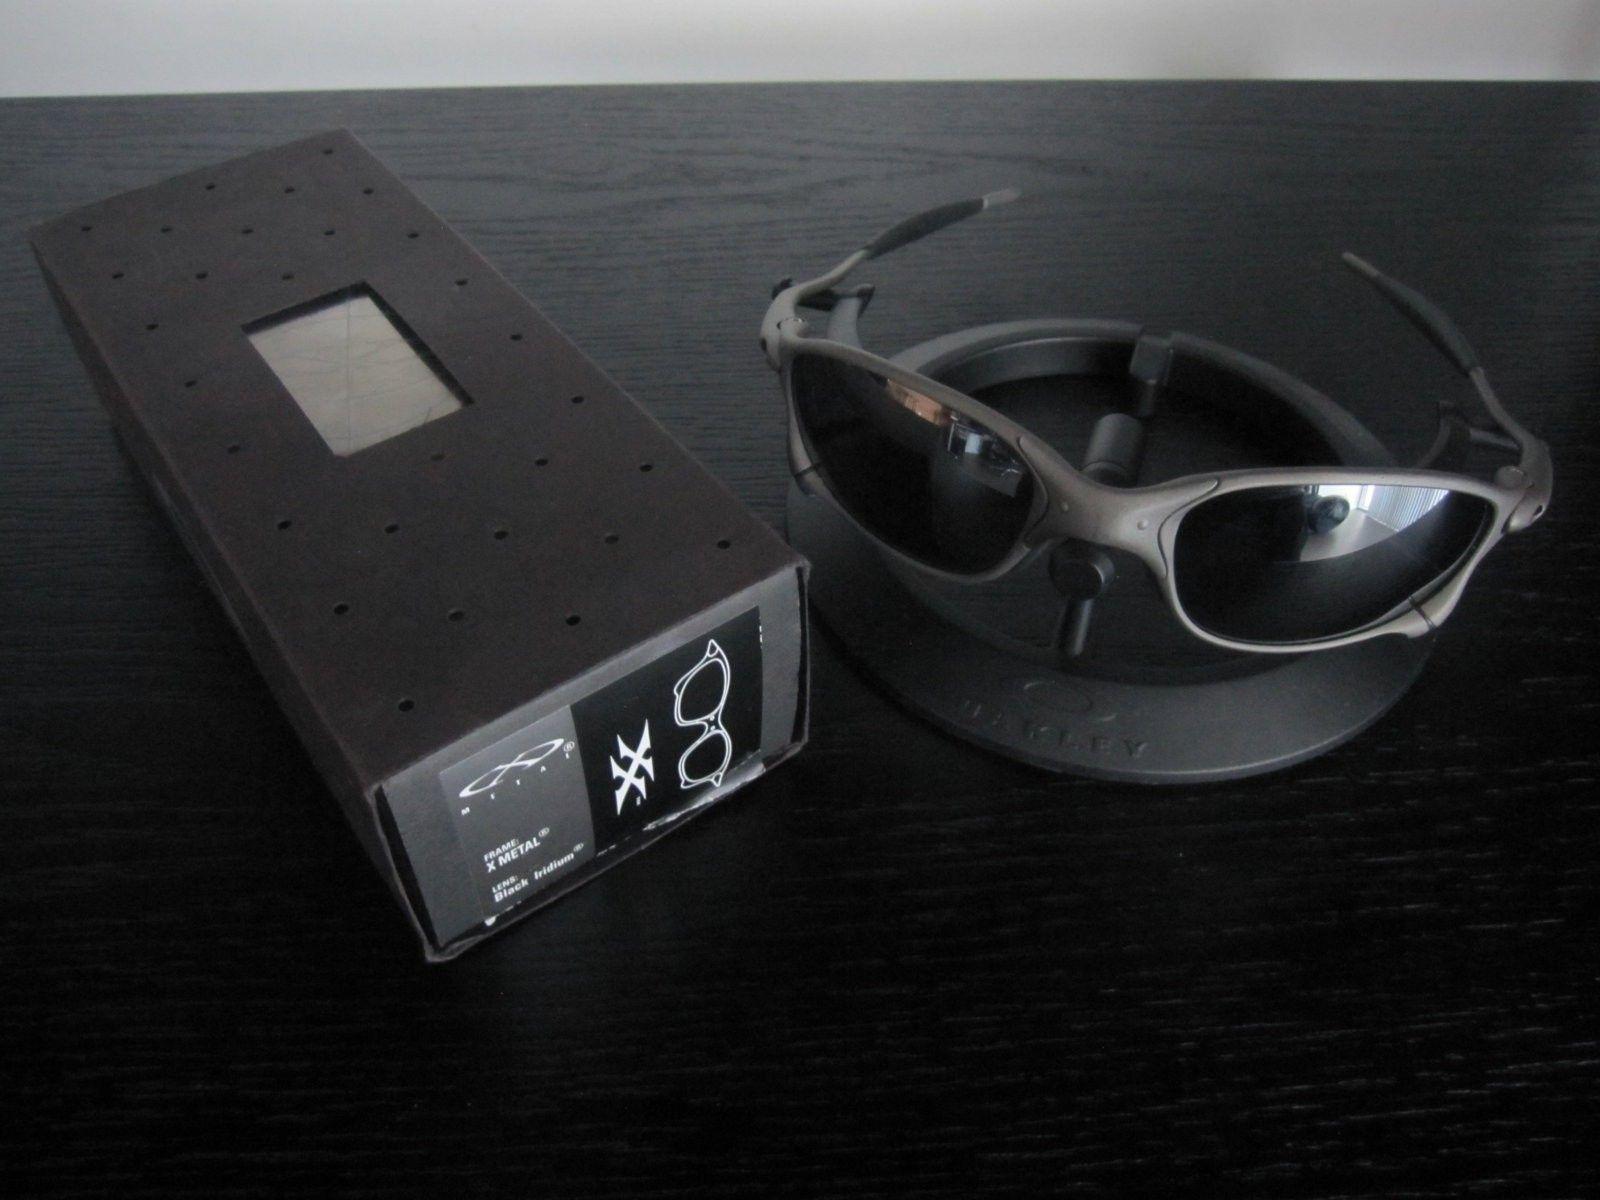 XX XM / BI serialized with box/coin - GONE - IMG_4416.JPG